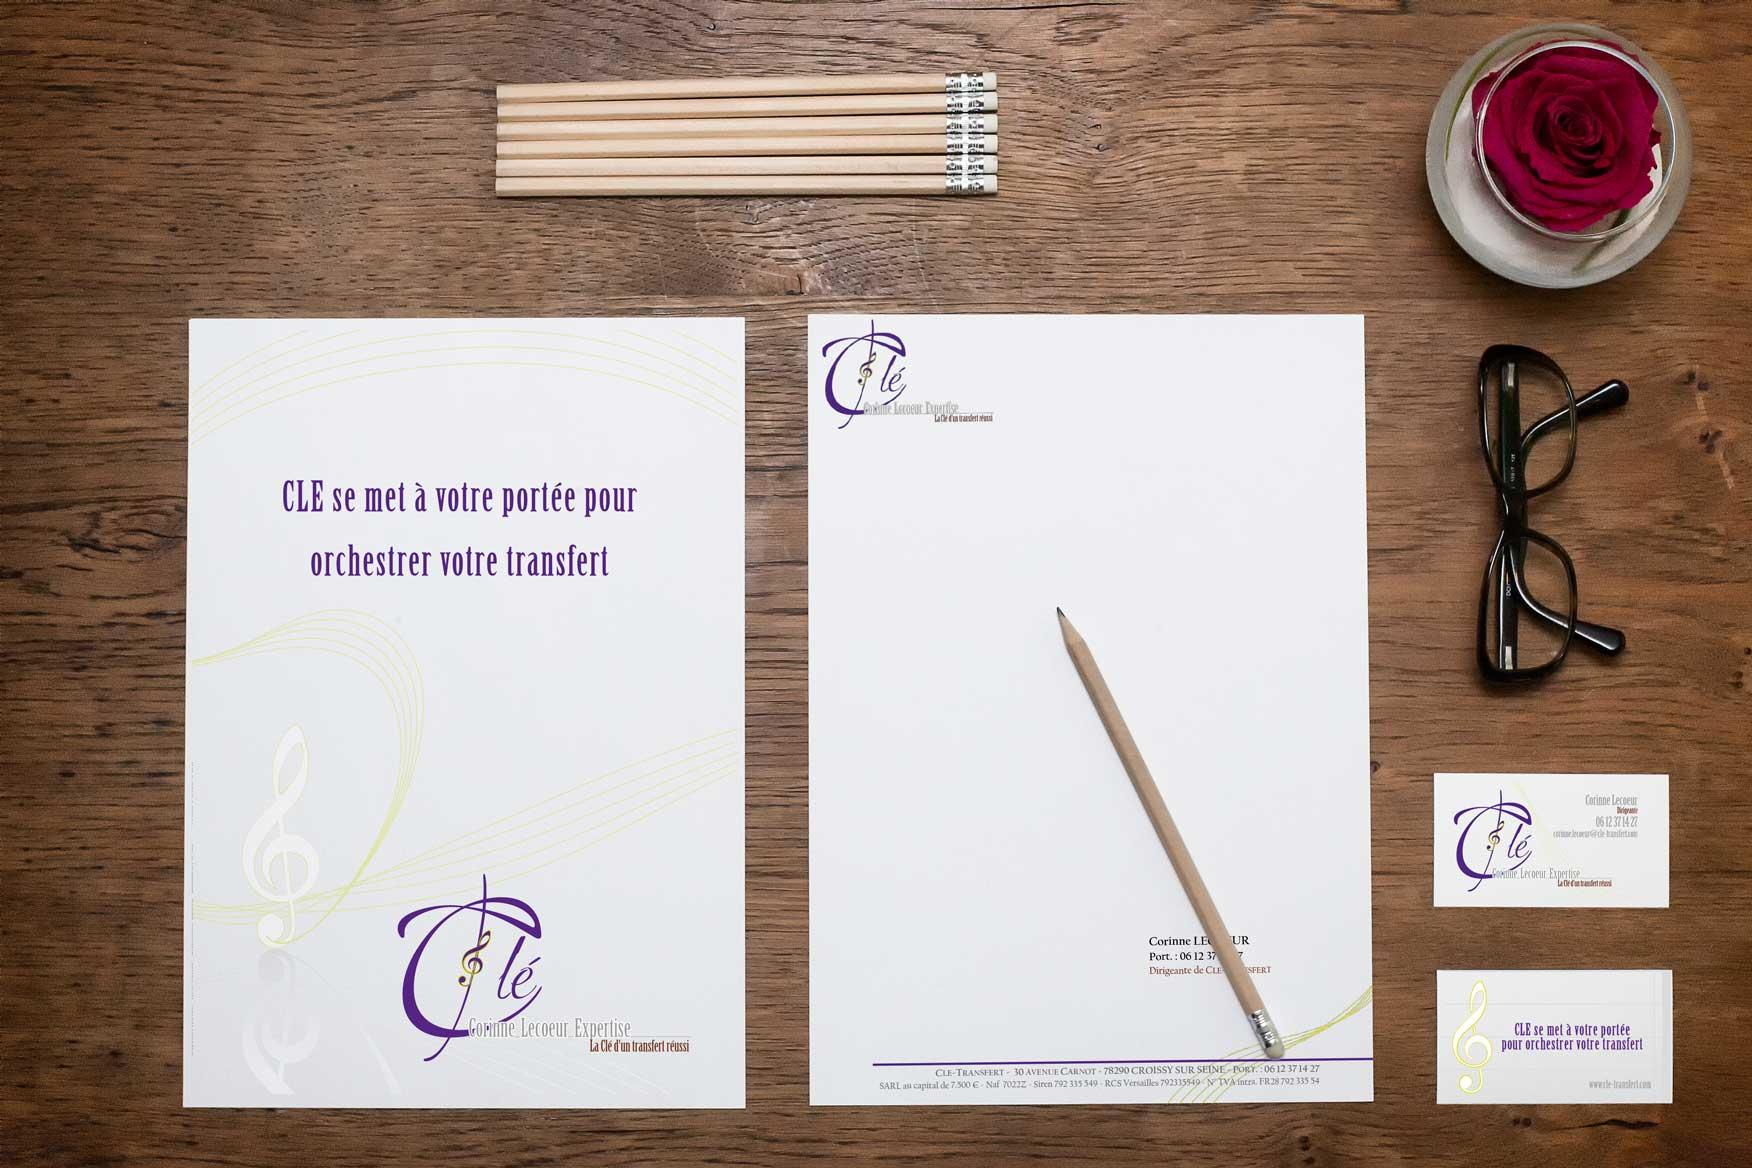 Identité visuelle de CLE TRANSFERT : logo, plaquette, carte de voeux, de visite, signature mail, tampon et site web